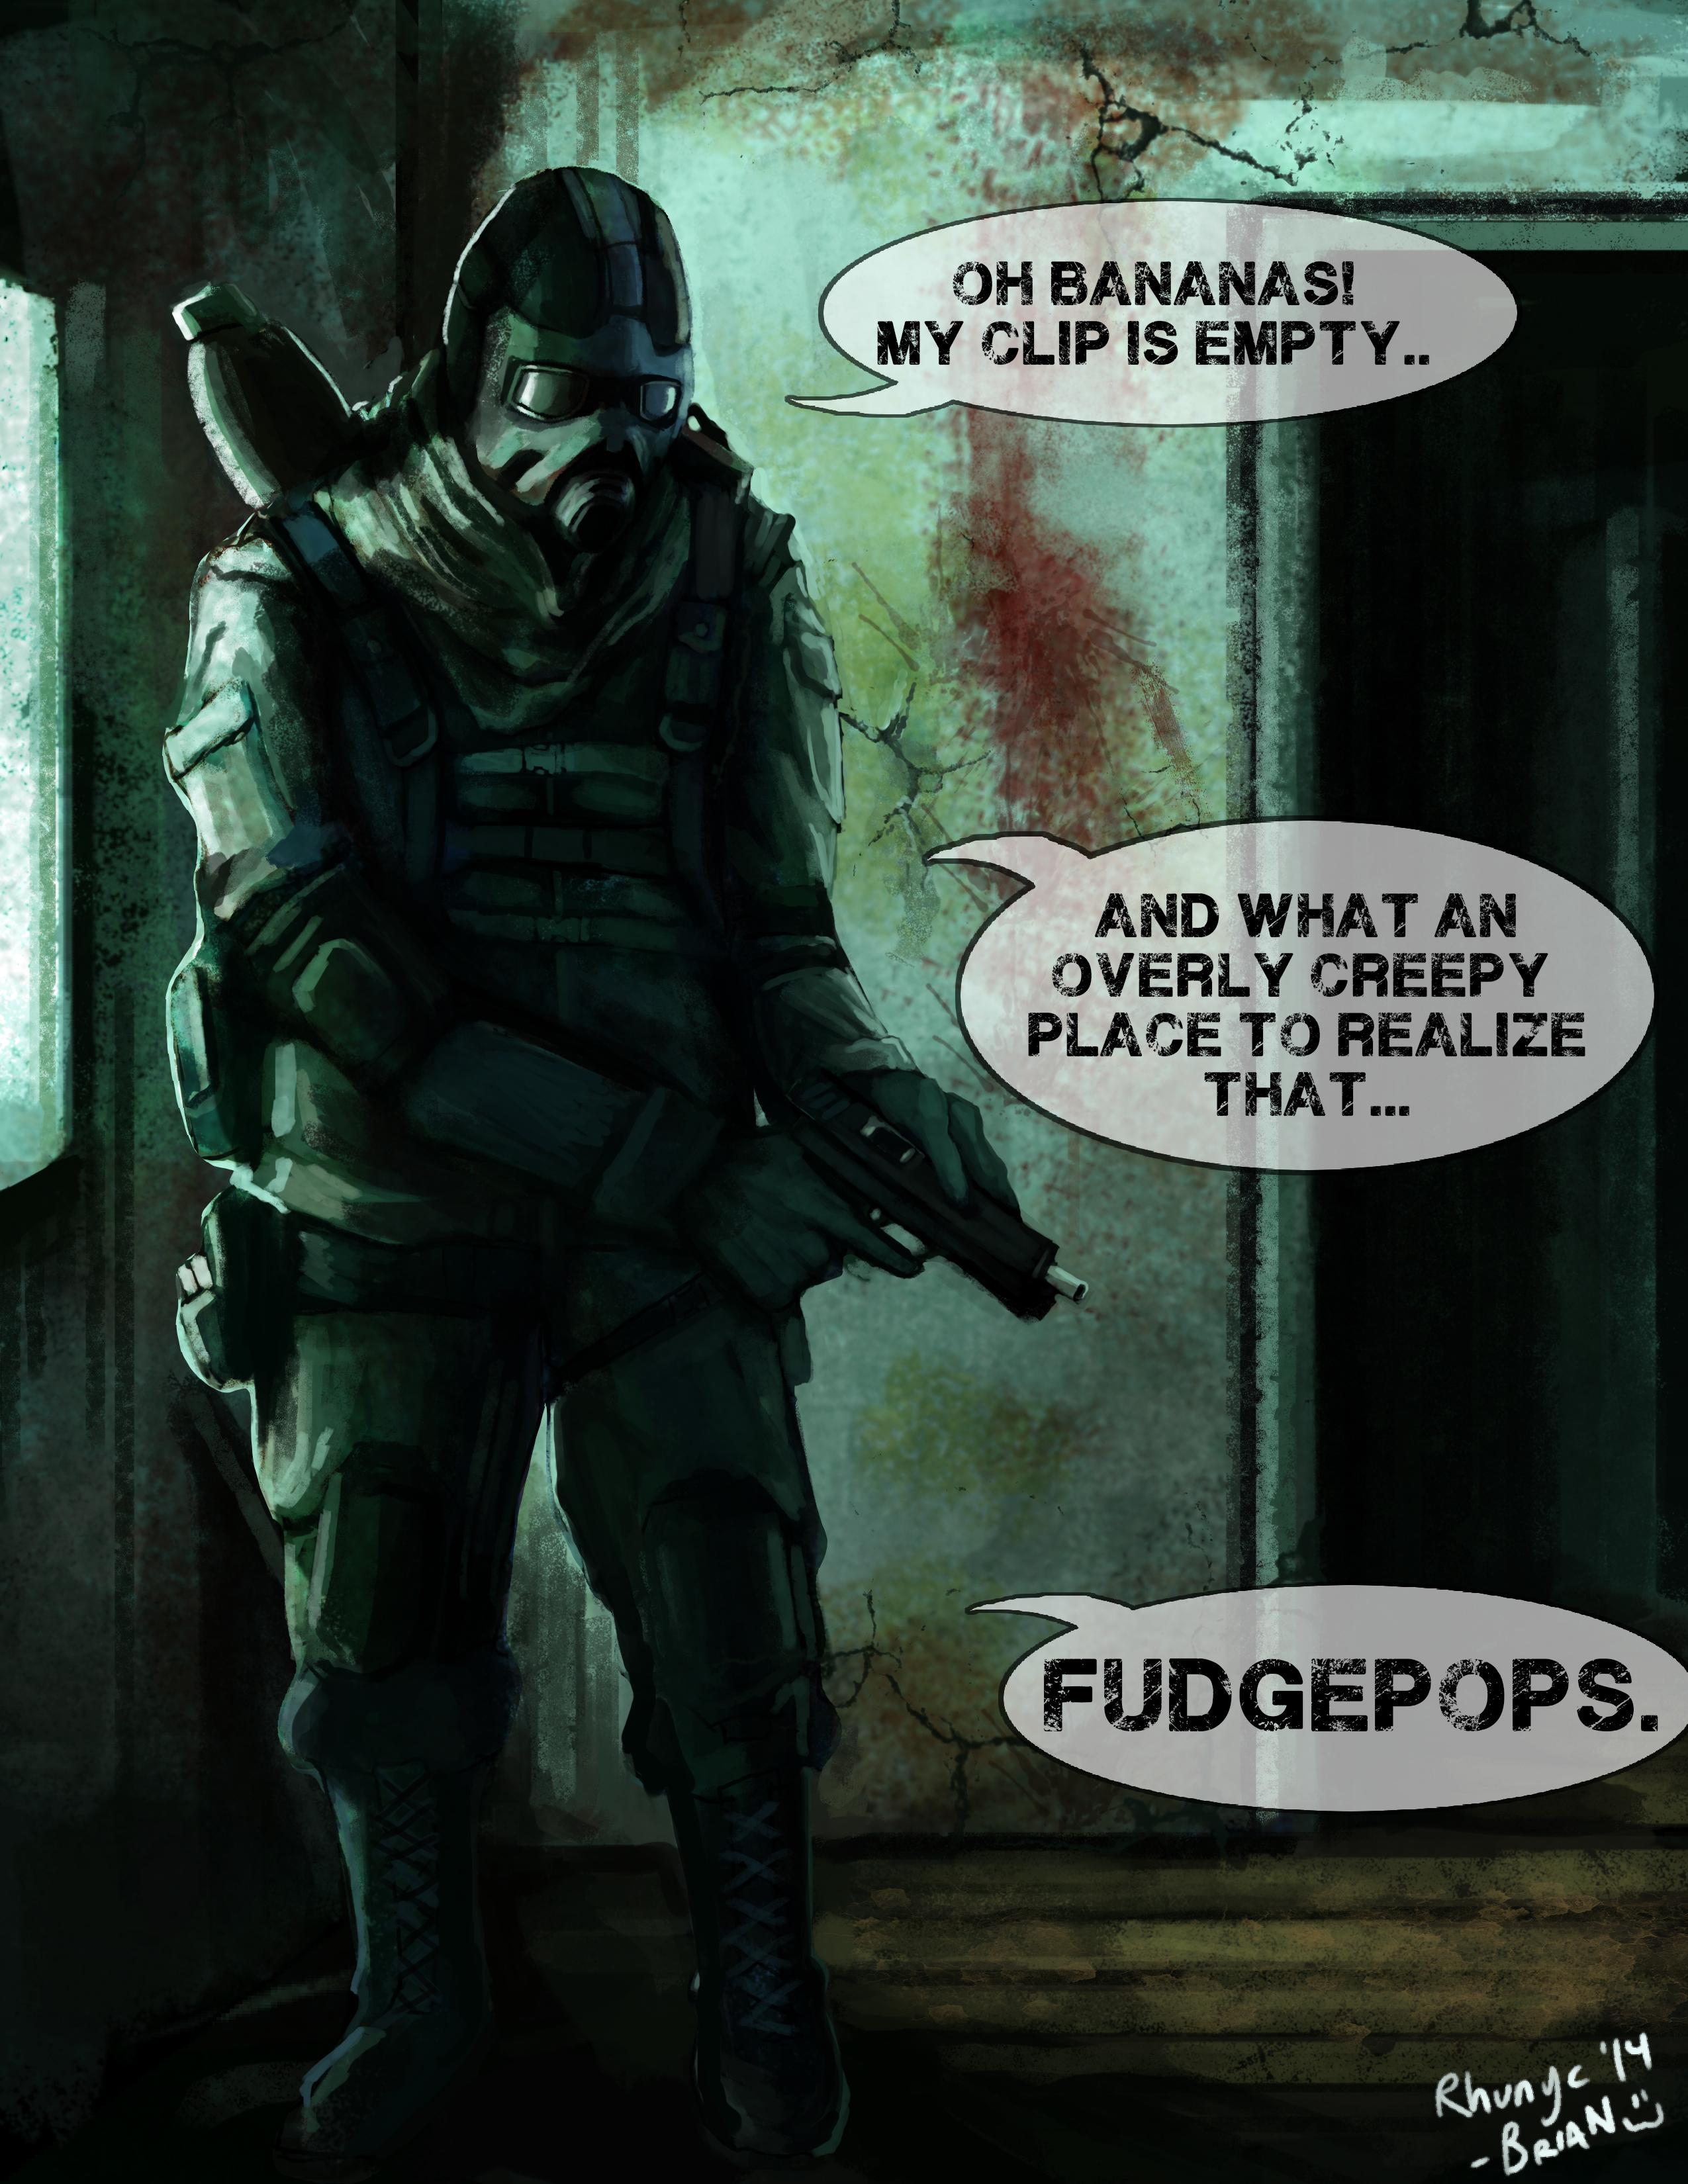 Fudgepops